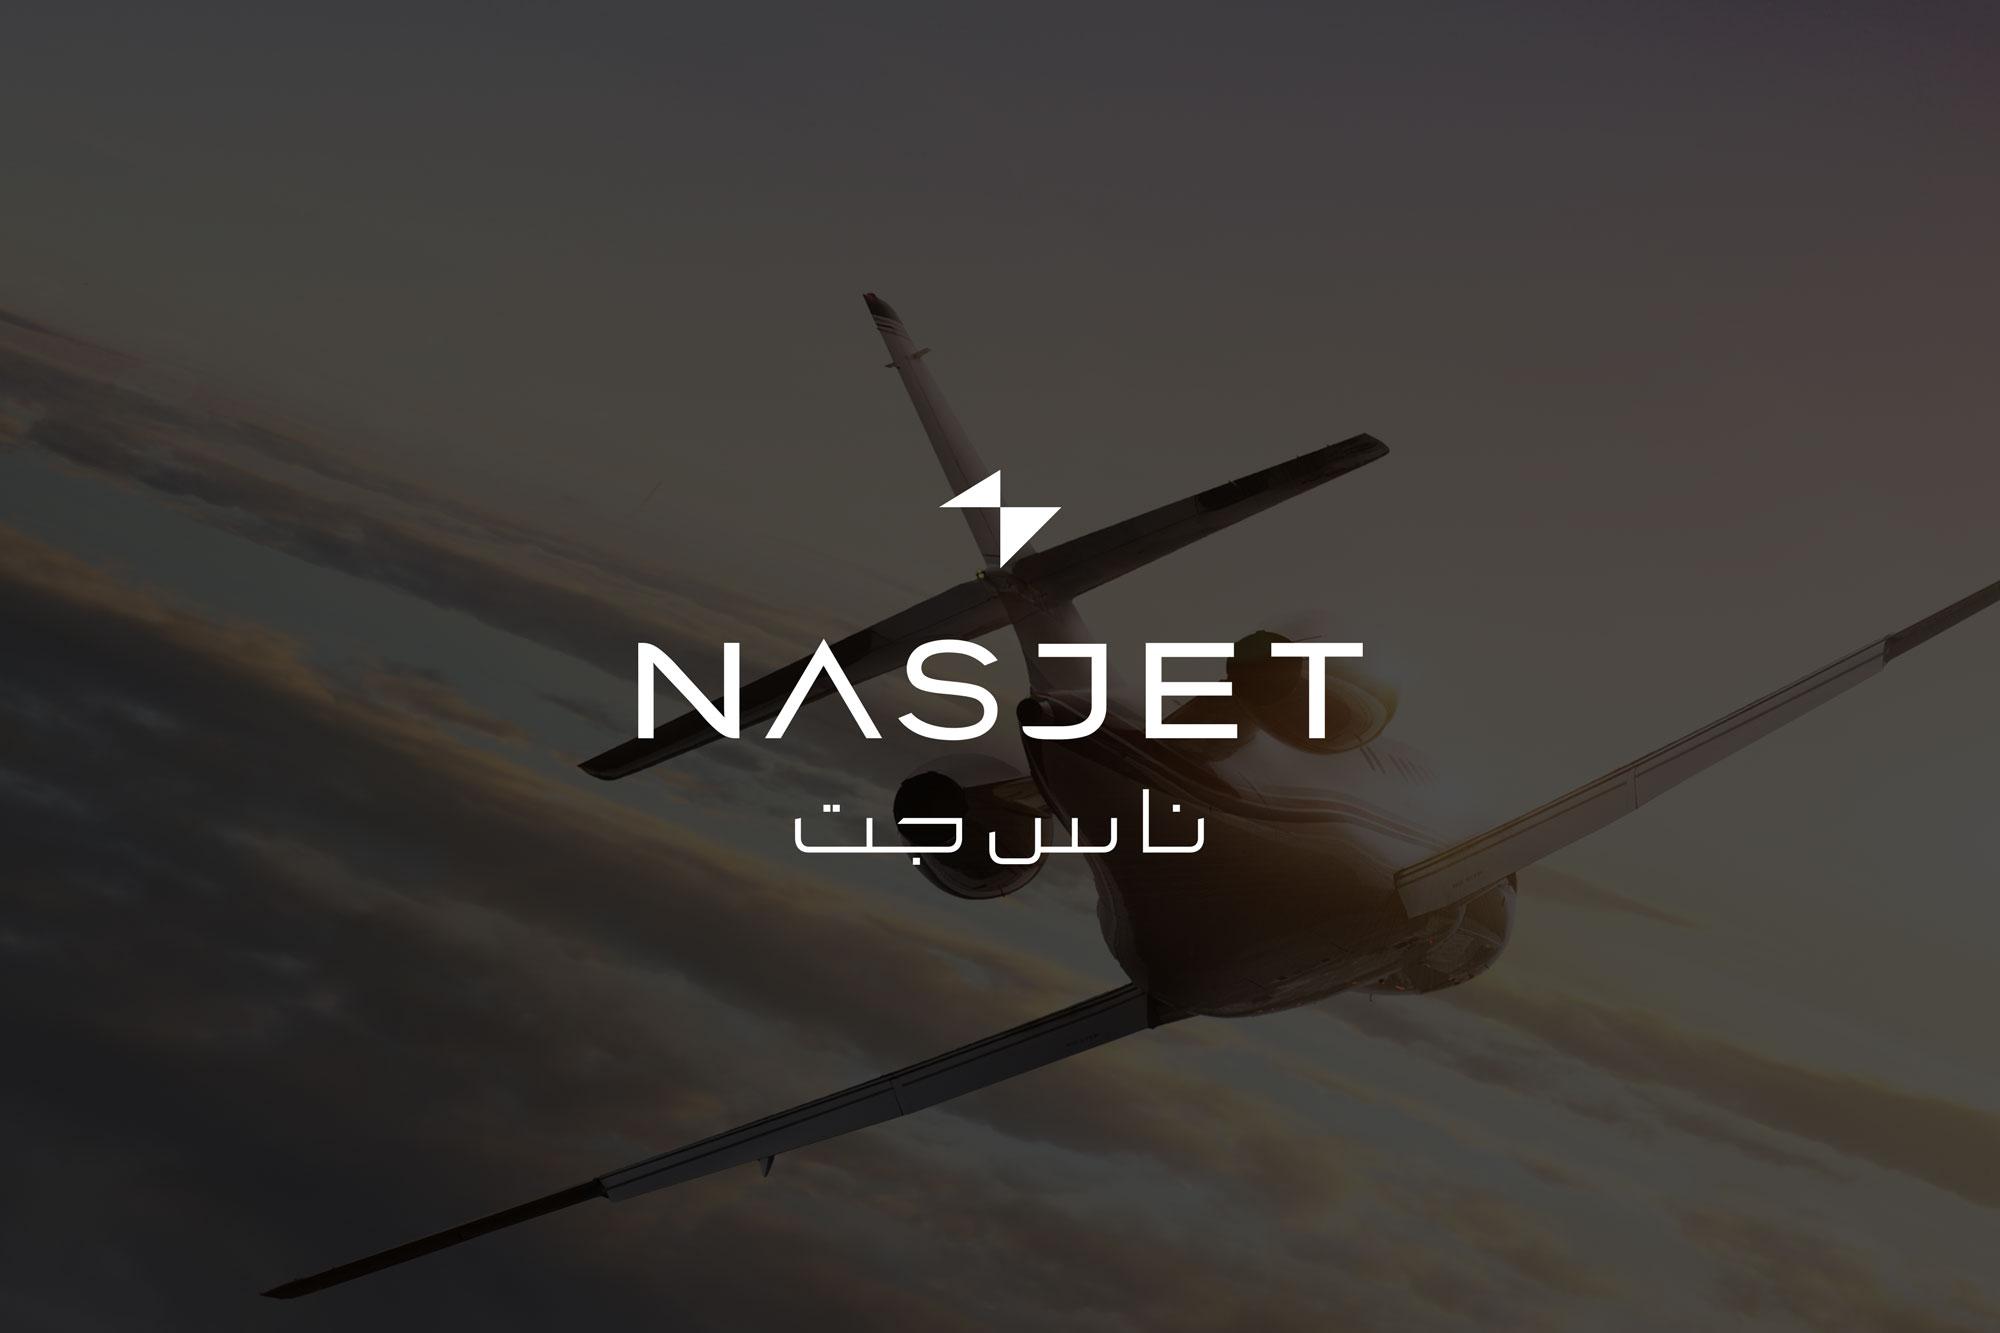 NasJet-Work-By-YaStudio-01a